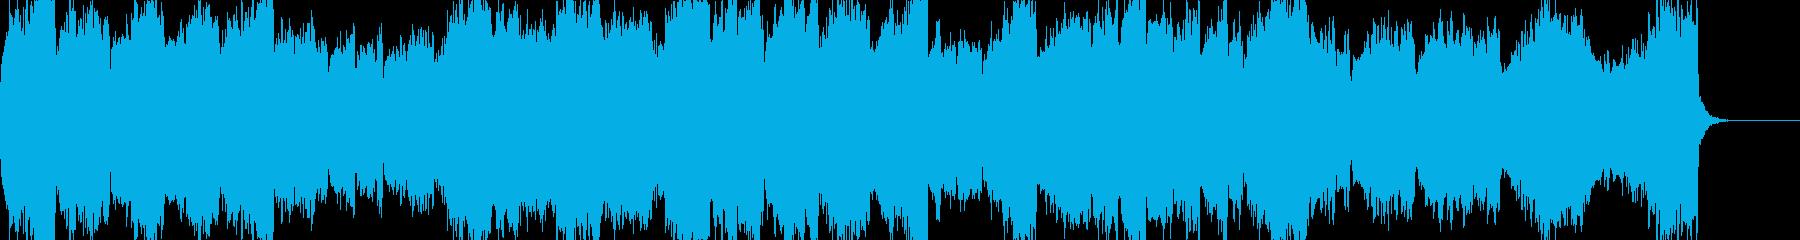 アントニン・ドヴォルザークの交響曲第9番の再生済みの波形